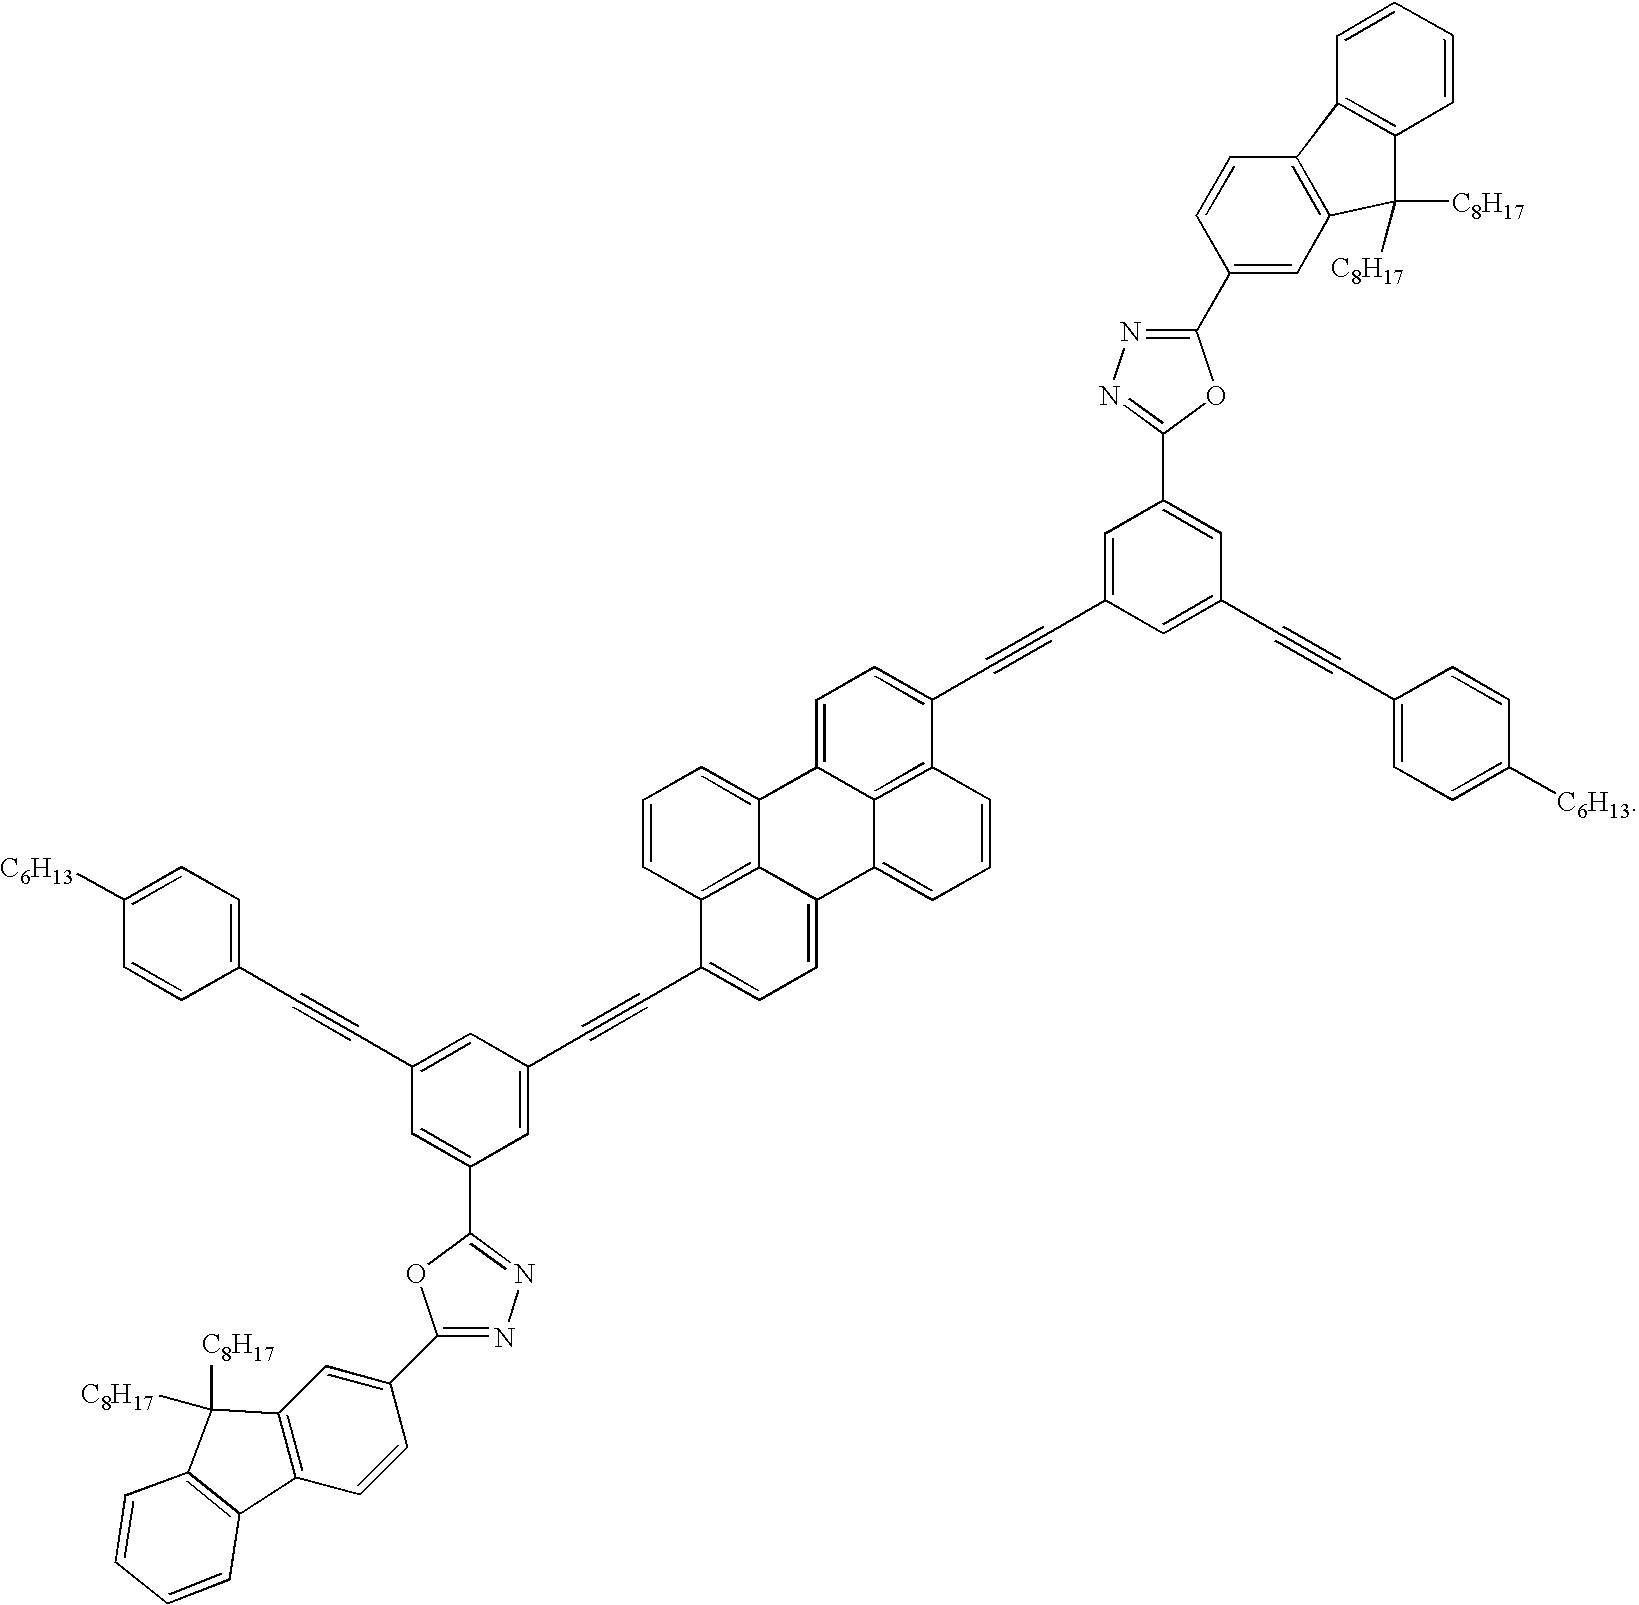 Figure US20070107835A1-20070517-C00040